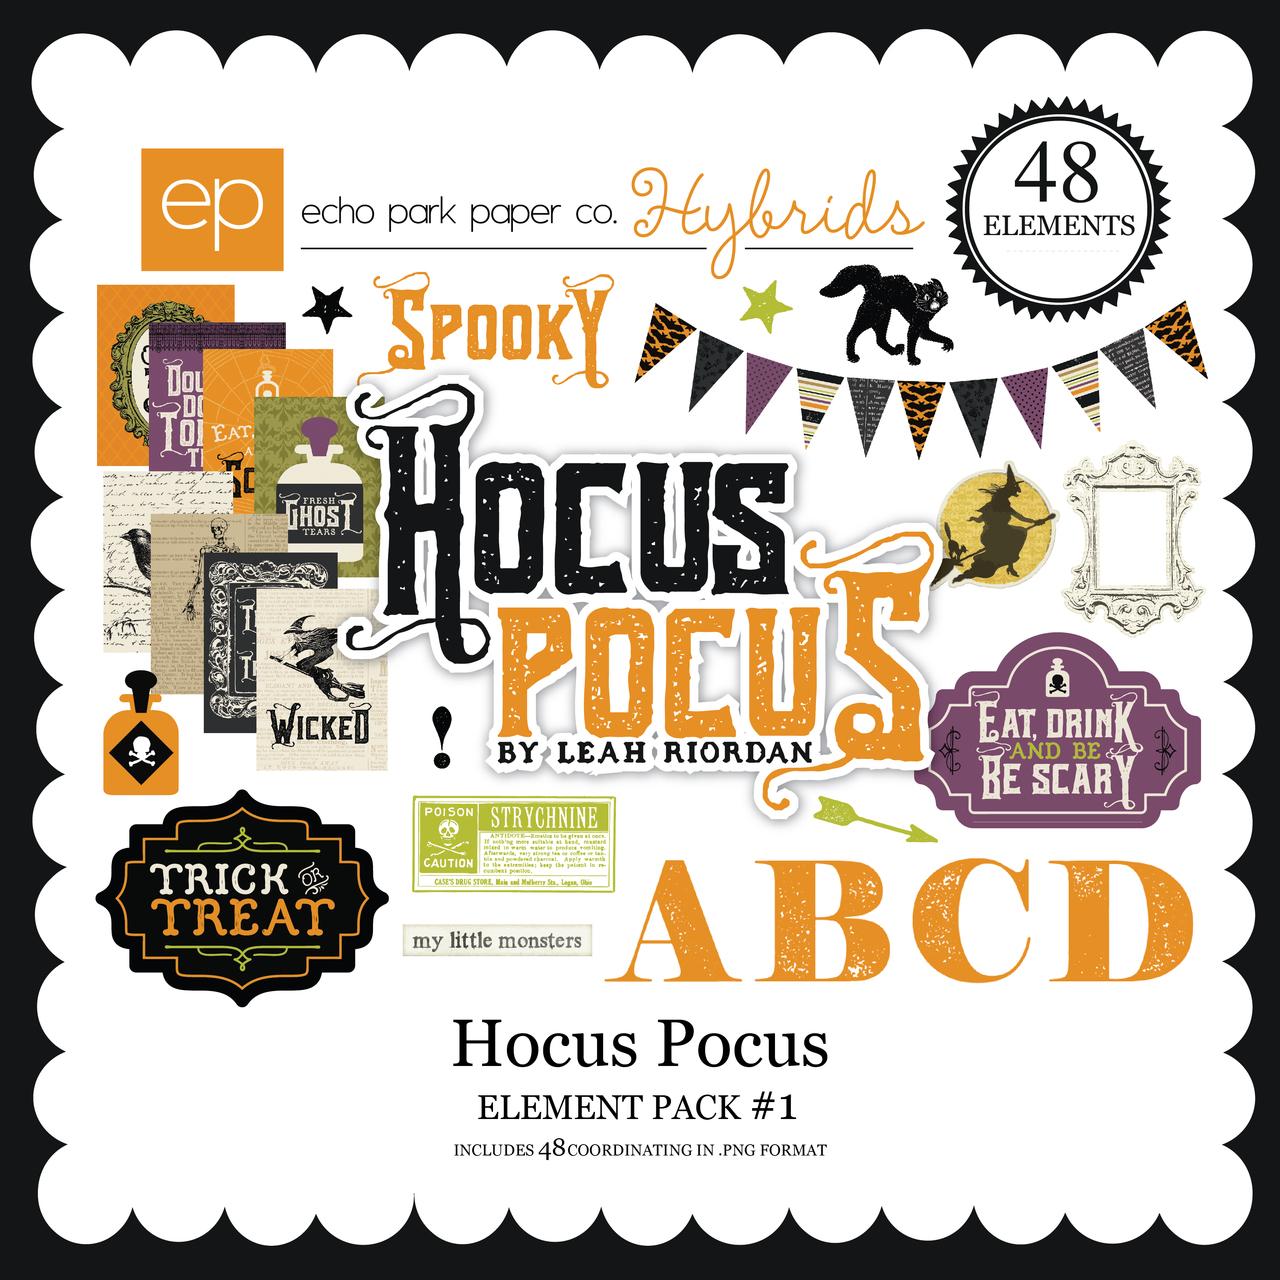 Hocus Pocus Element Pack #1